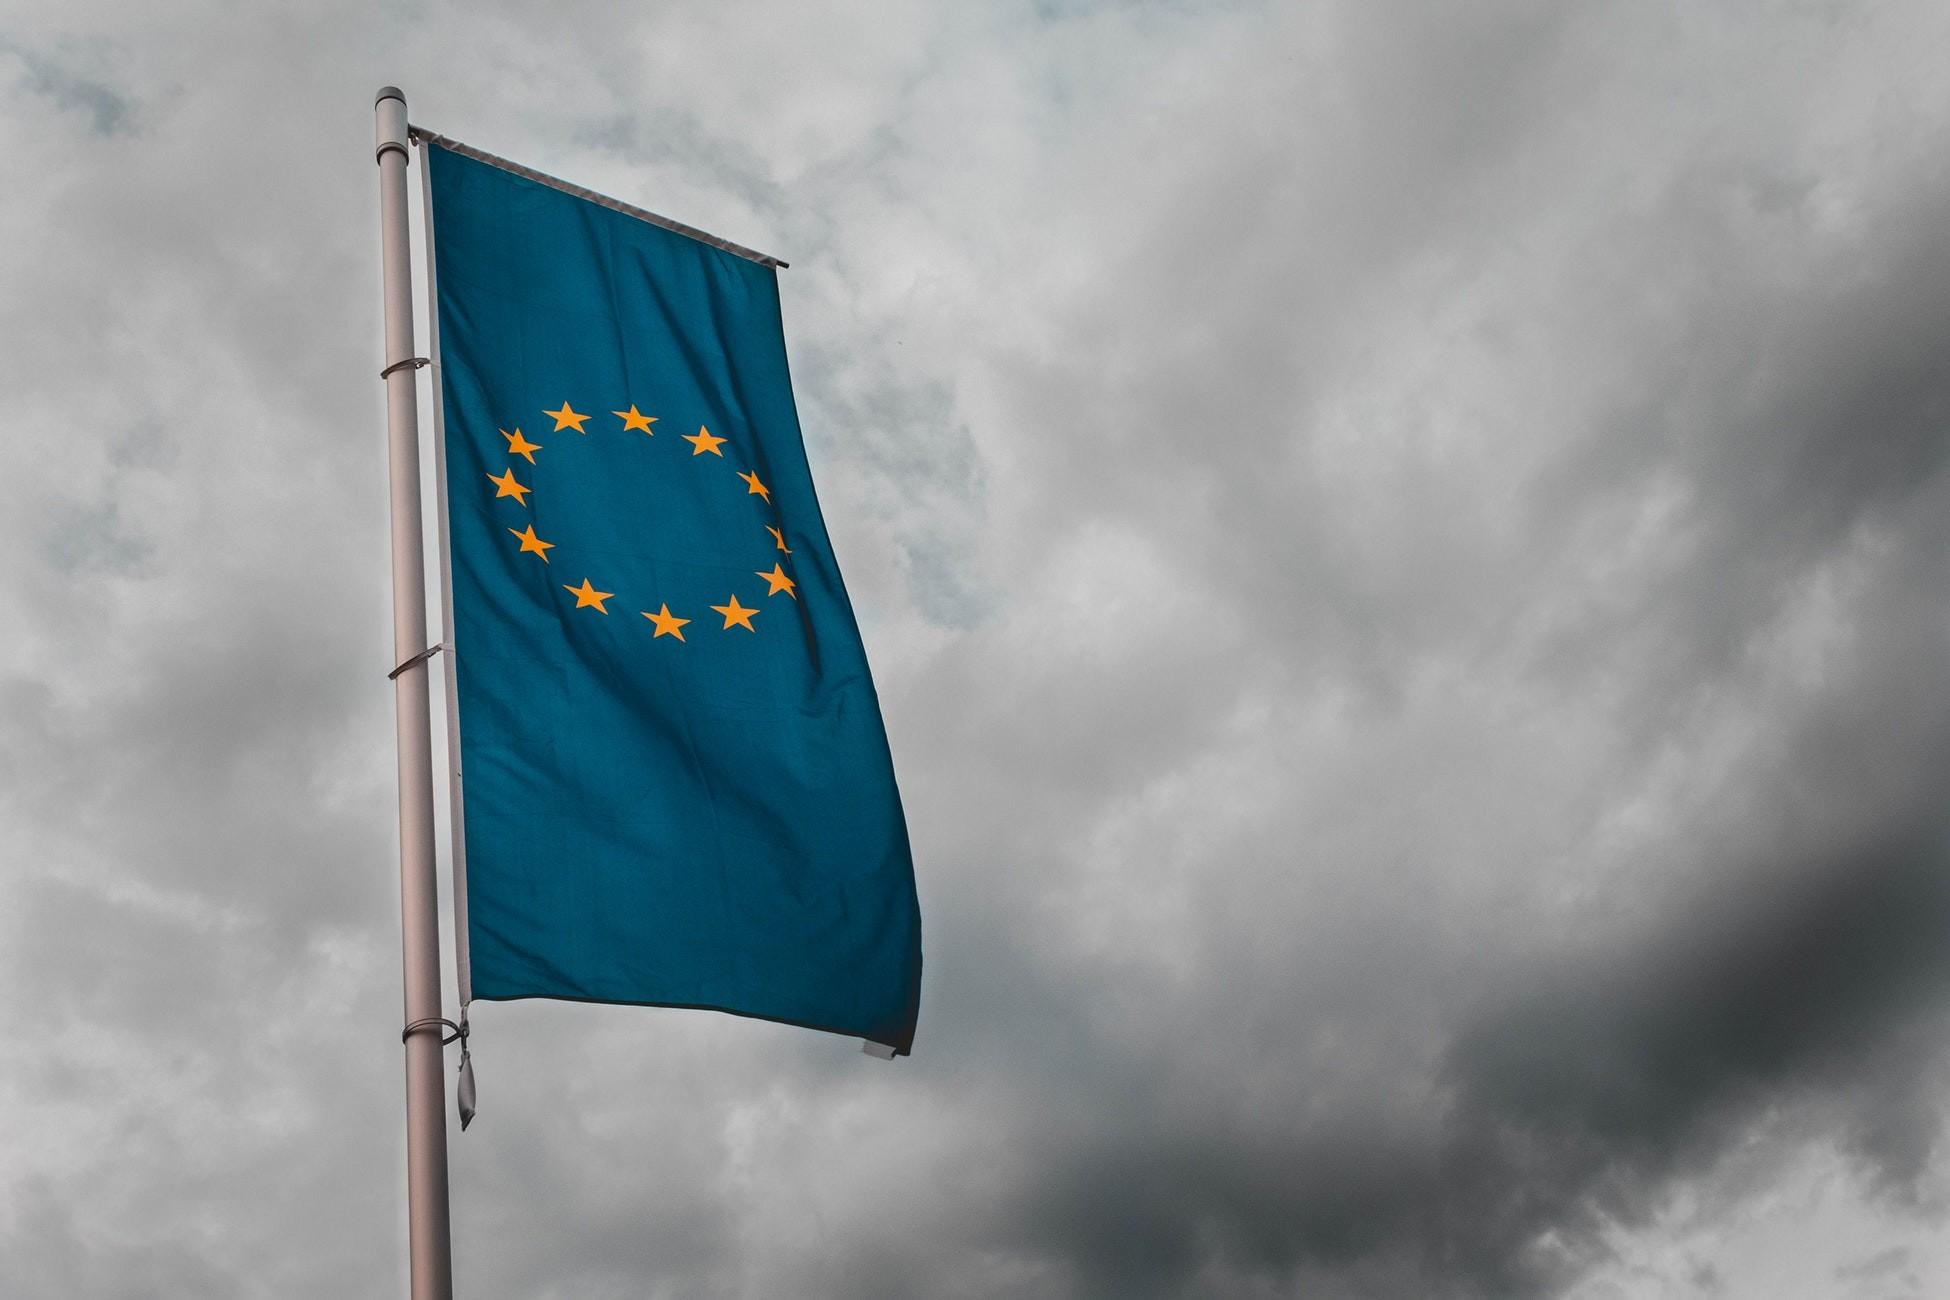 bandera europea libre de derechos